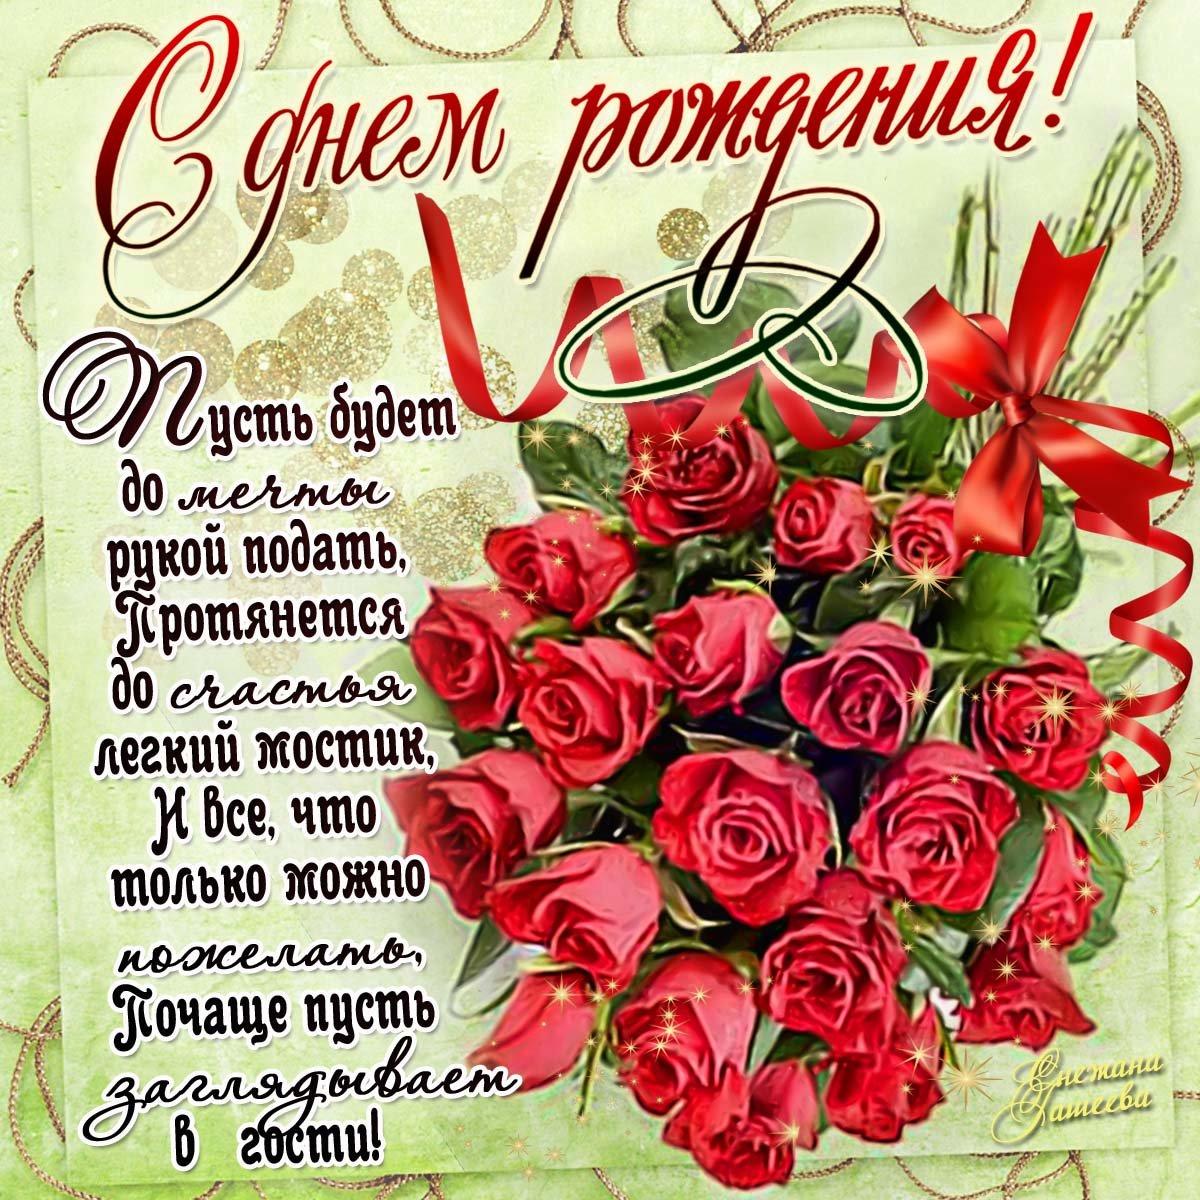 Фото красивой открытки ко дню рождения женщине